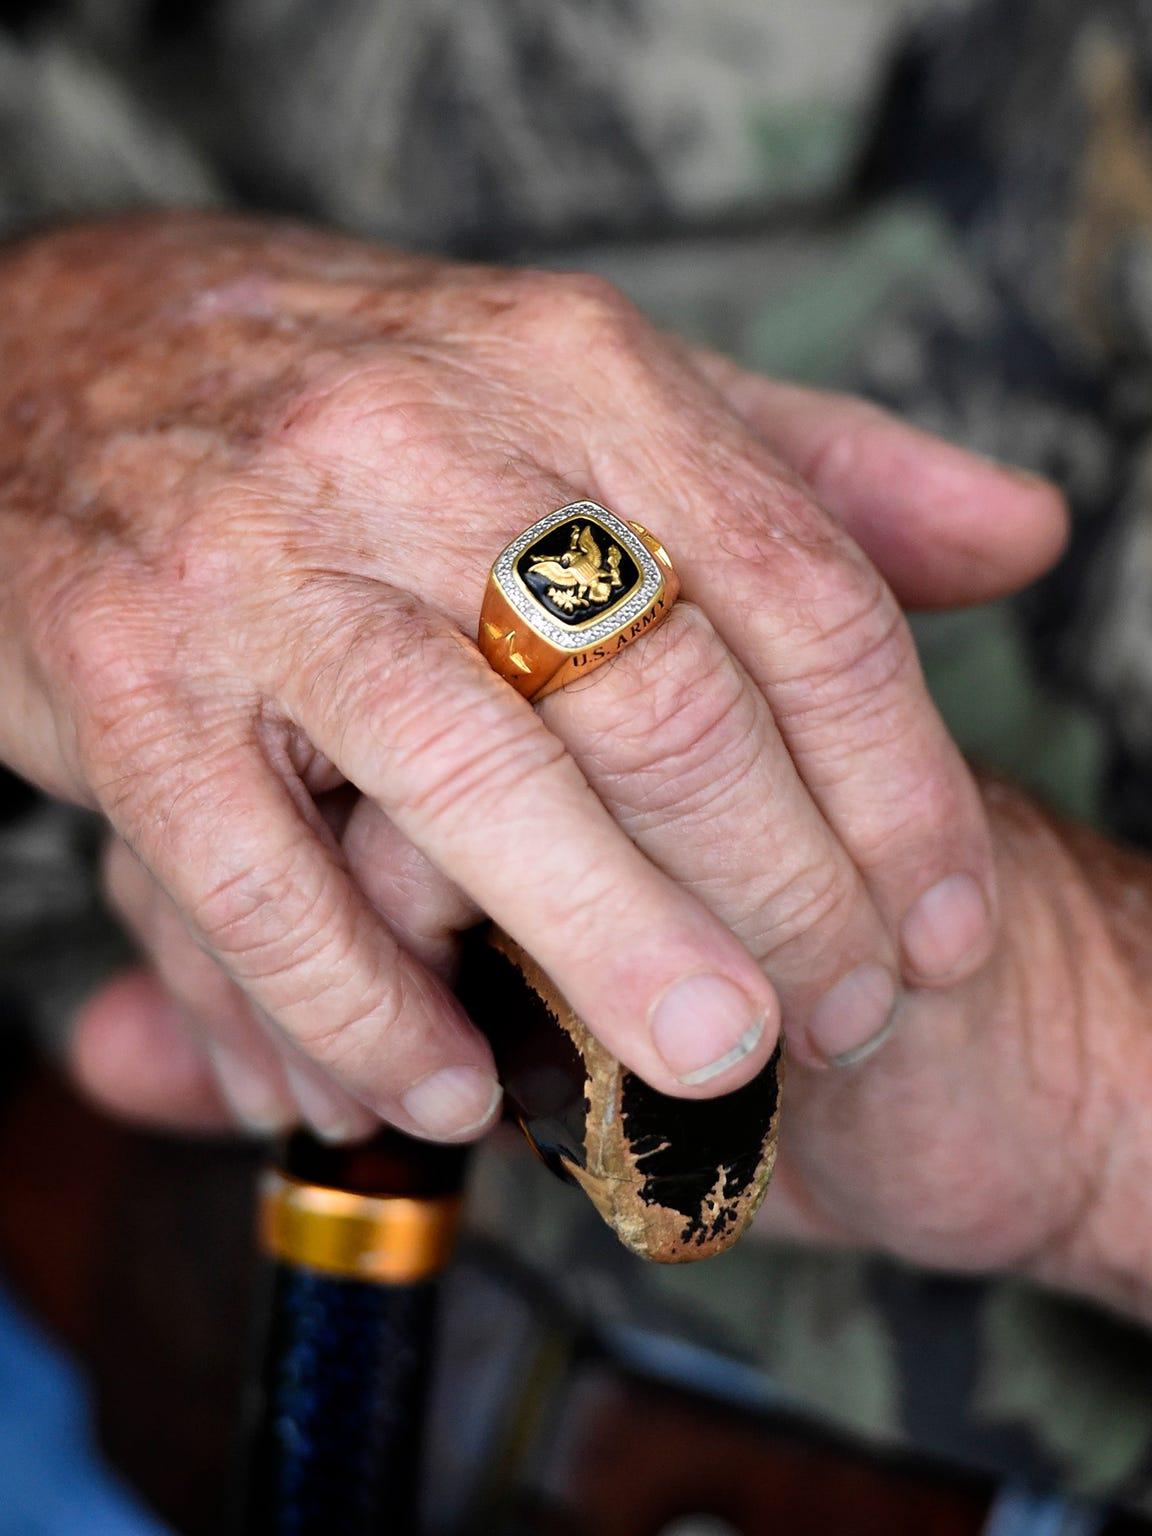 Korean War veteran Vince Bentz, of Annville, wears